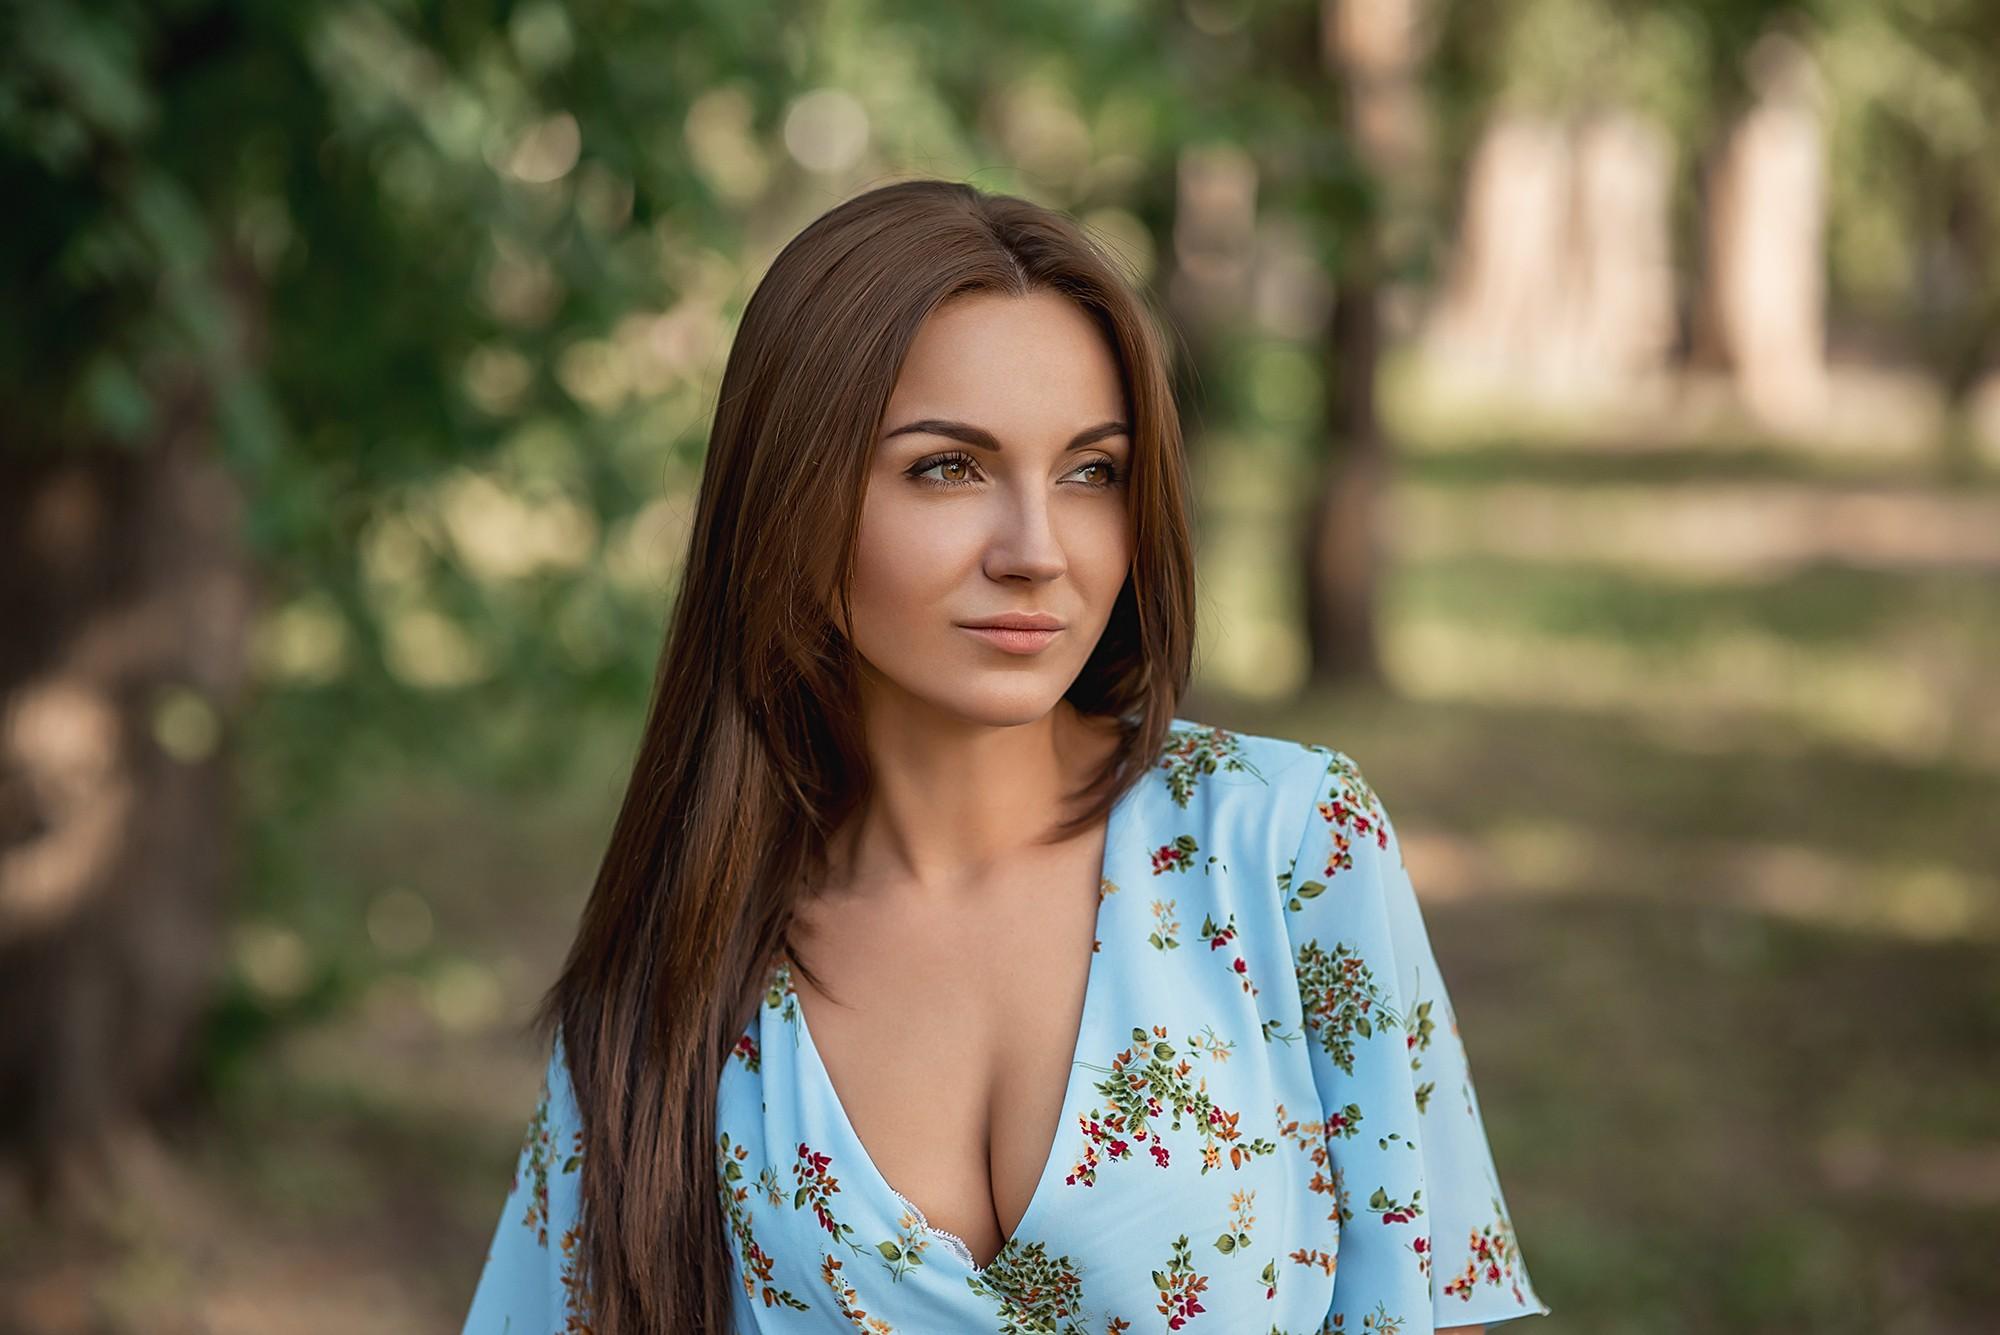 Women Portrait Women Outdoors Face Depth Of Field Looking Away Eyebrows 2000x1335